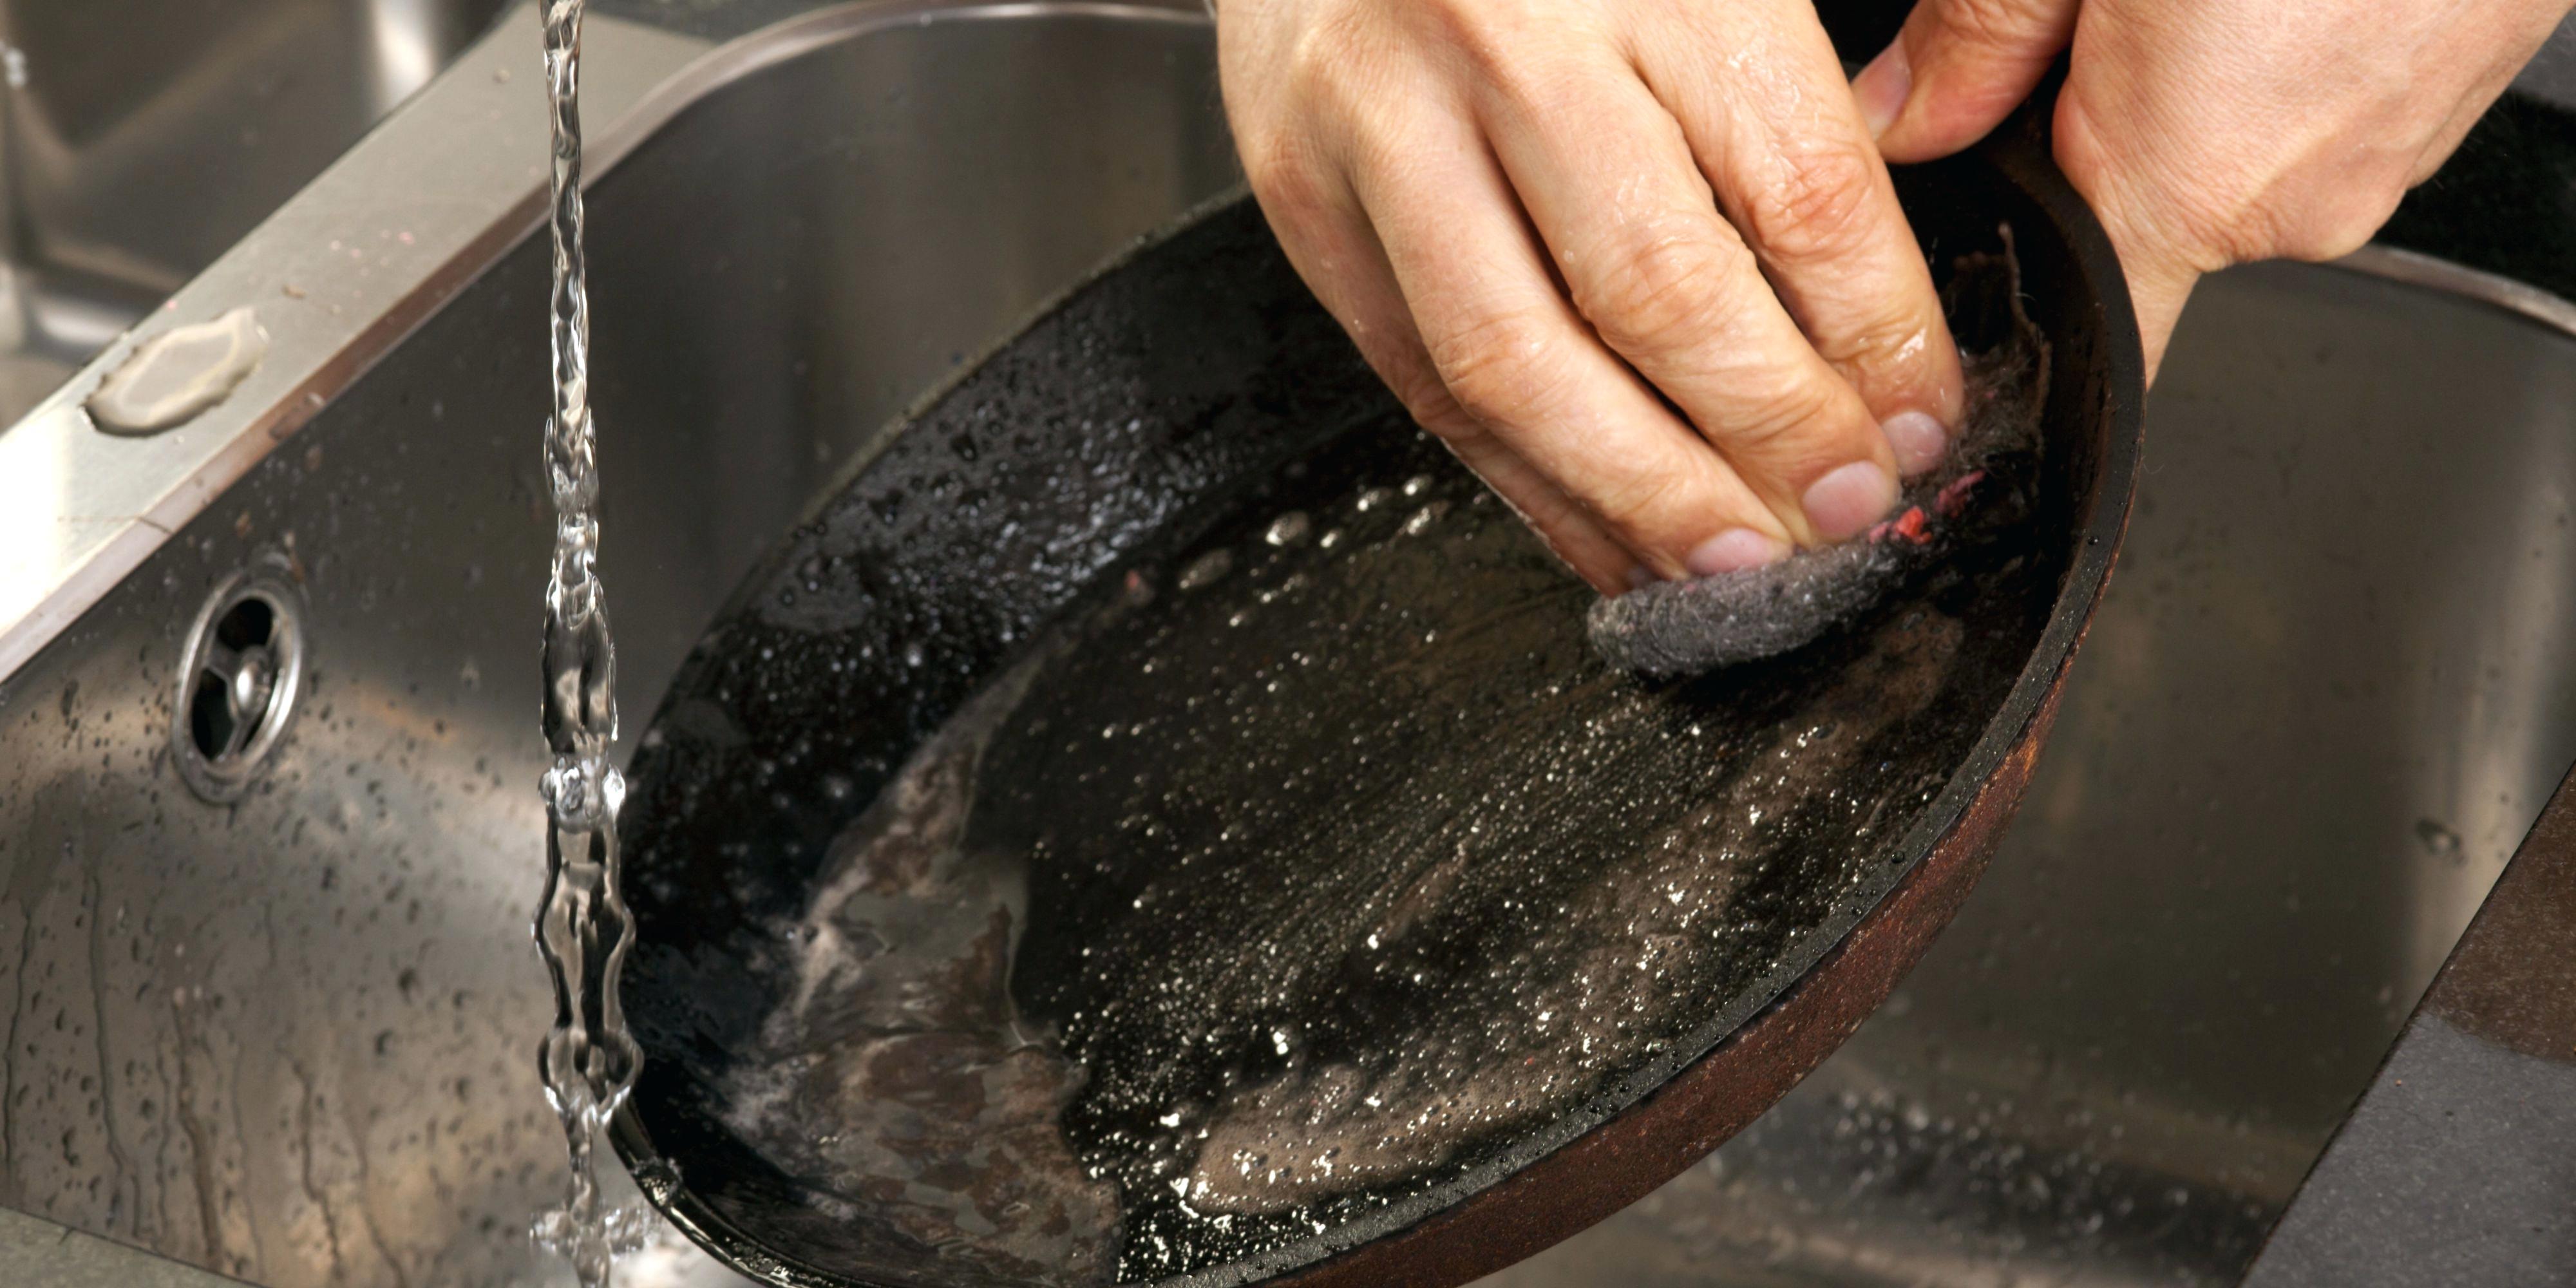 чистка чугунной сковороды